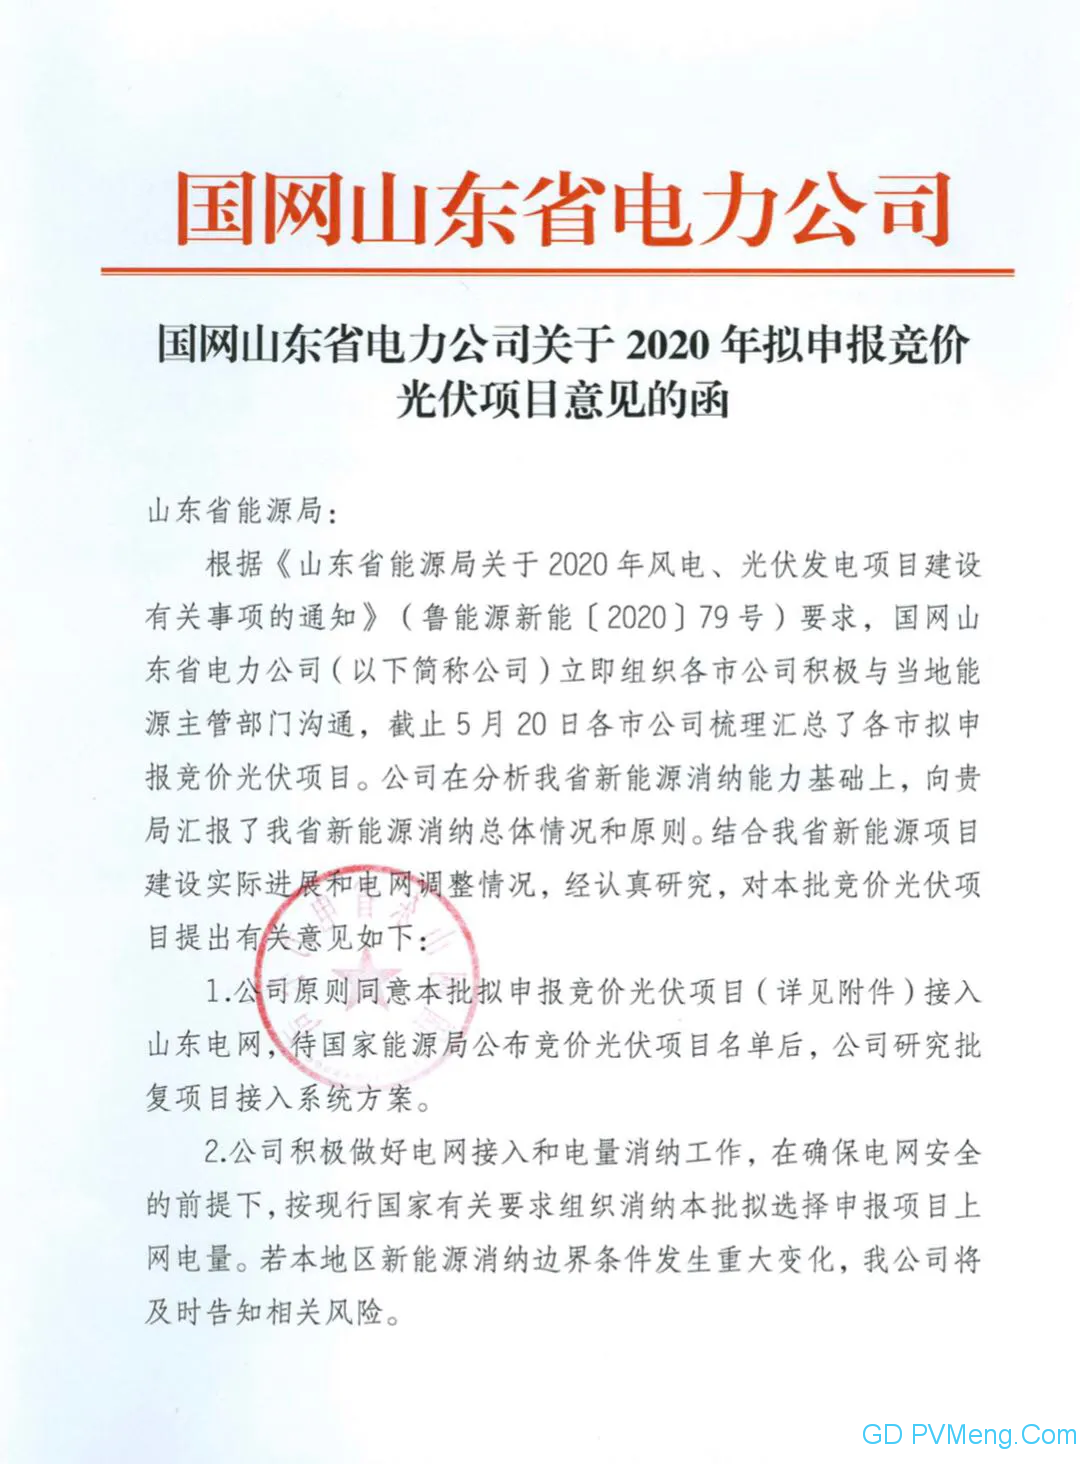 国网山东关于2020年拟申报竞价光伏项目意见的函20200605